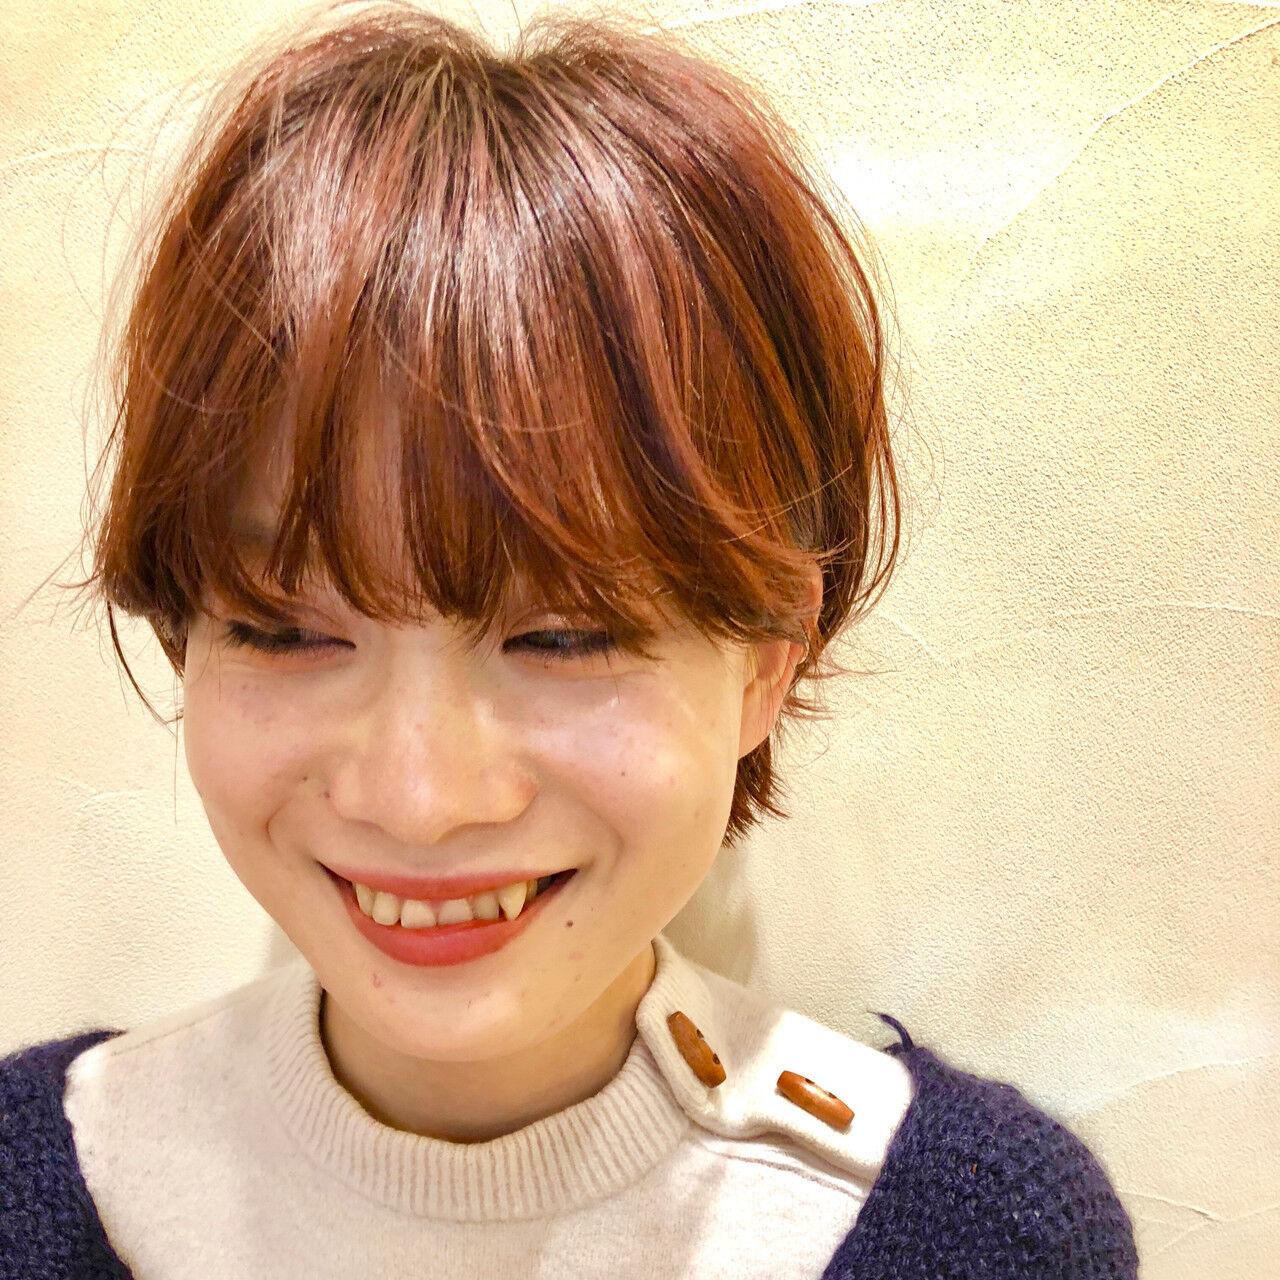 マッシュショート オレンジ ショートボブ マッシュヘアスタイルや髪型の写真・画像